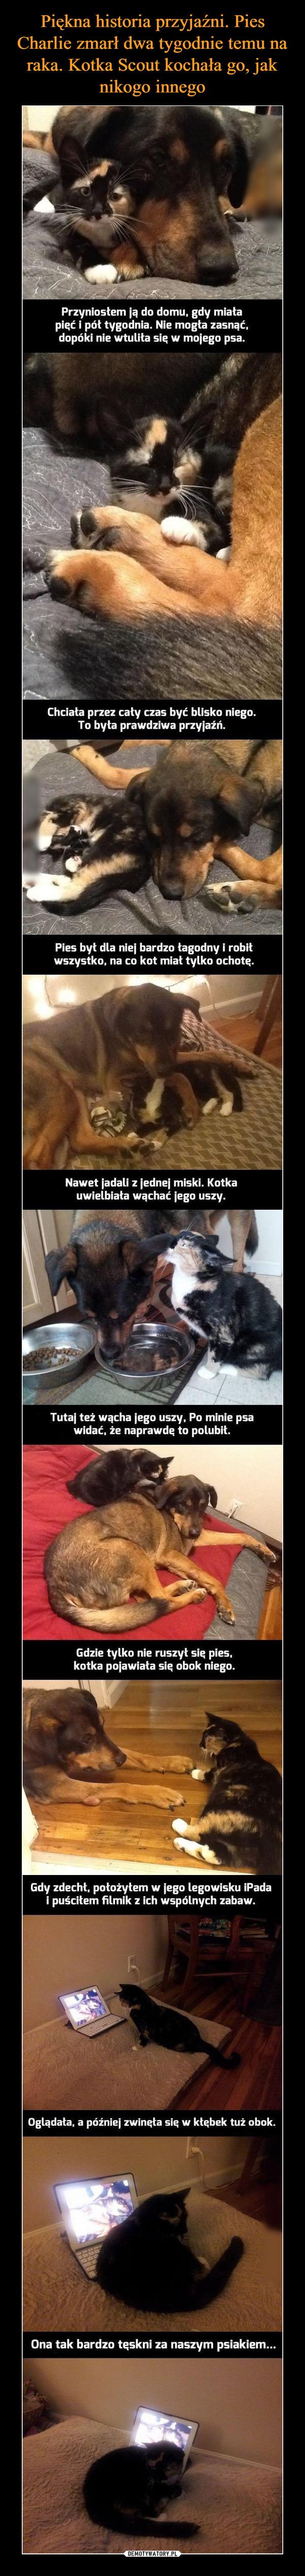 –  Chciała przez cały czas być blisko niego. To była prawdziwa przyjaźń. Pies był dla niej bardzo łagodny i robił wszystko, na co kot miał tylko ochotą. Nawet jadali z jednej miski. Kotka uwielbiała wąchać jego uszy. Tutaj też wącha jego uszy, Po minie psa widać, że naprawdę to polubił. Gdzie tylko nie ruszył sig pies, kotka pojawiała się obok niego. Gdy zdechł, położyłem w jego legowisku iPada i puściłem filmik z ich wspólnych zabaw. Oglądała, a później zwinęła się w kłębek tuż obok. Ona tak bardzo tęskni za naszym psiakiem...